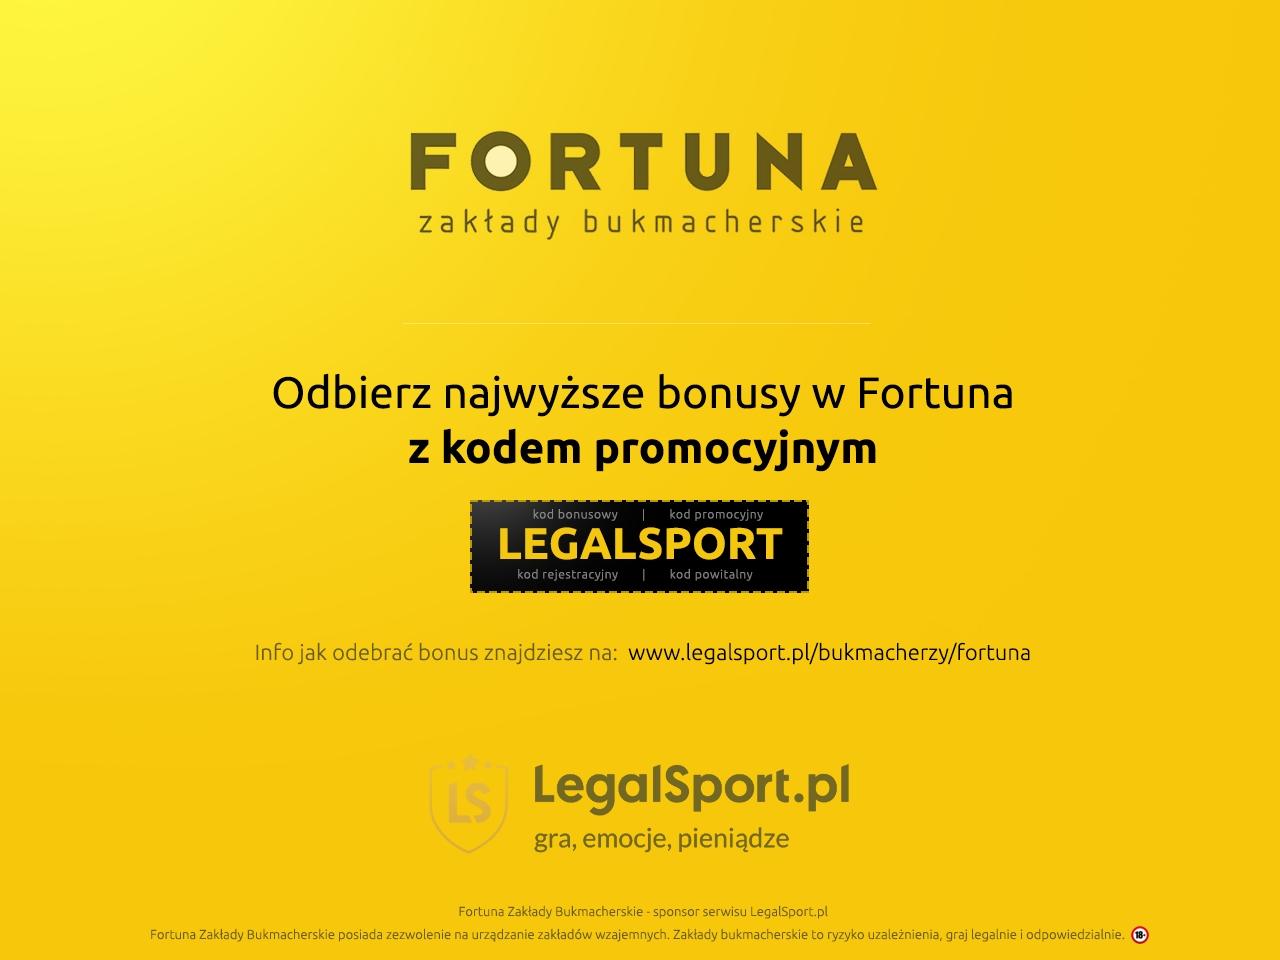 Bukmacher Fortuna i kod bonusowy do promocji powitalnej: LEGALSPORT